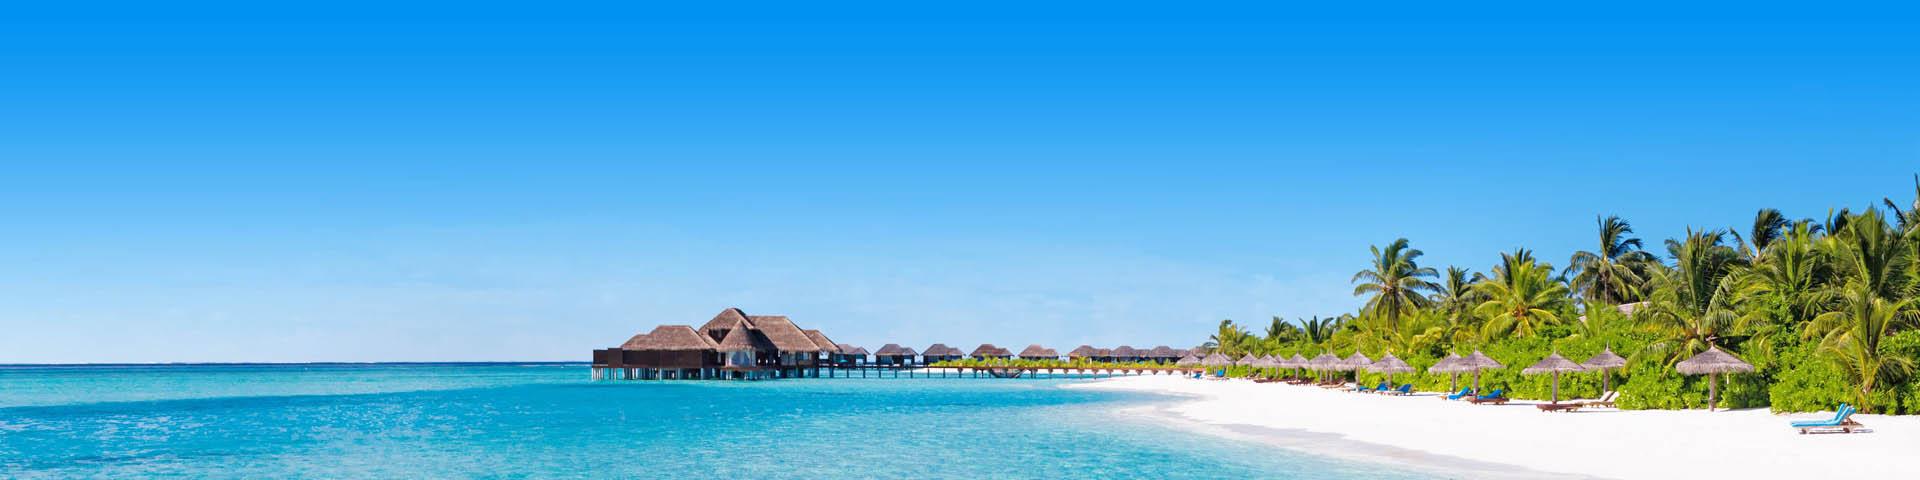 Prachtig wit zandsttrand met huisjes zwevend op de azuurblauwe zee